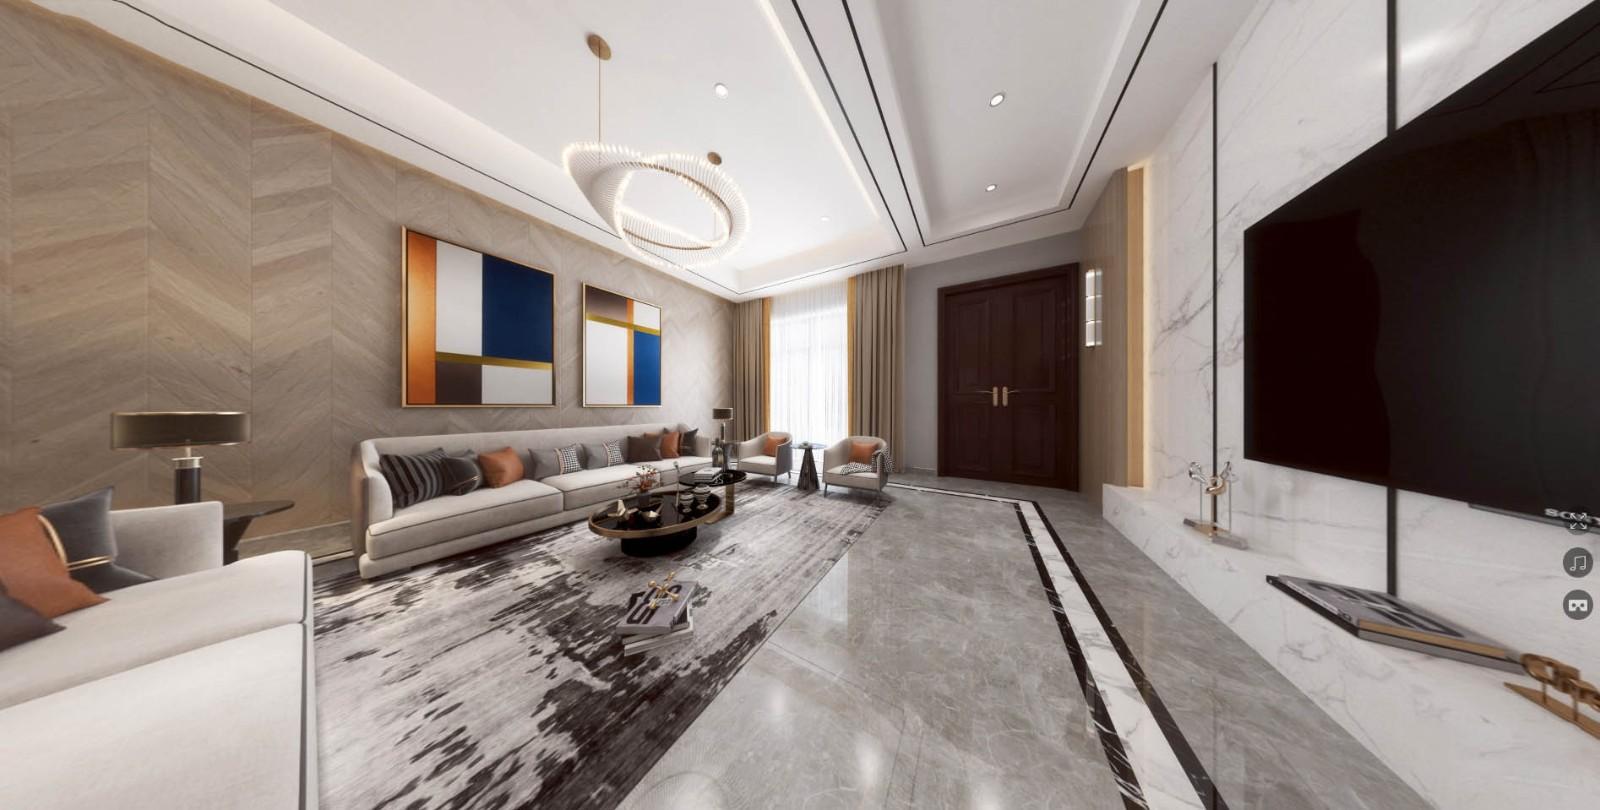 2020現代歐式300平米以上裝修效果圖片 2020現代歐式別墅裝飾設計